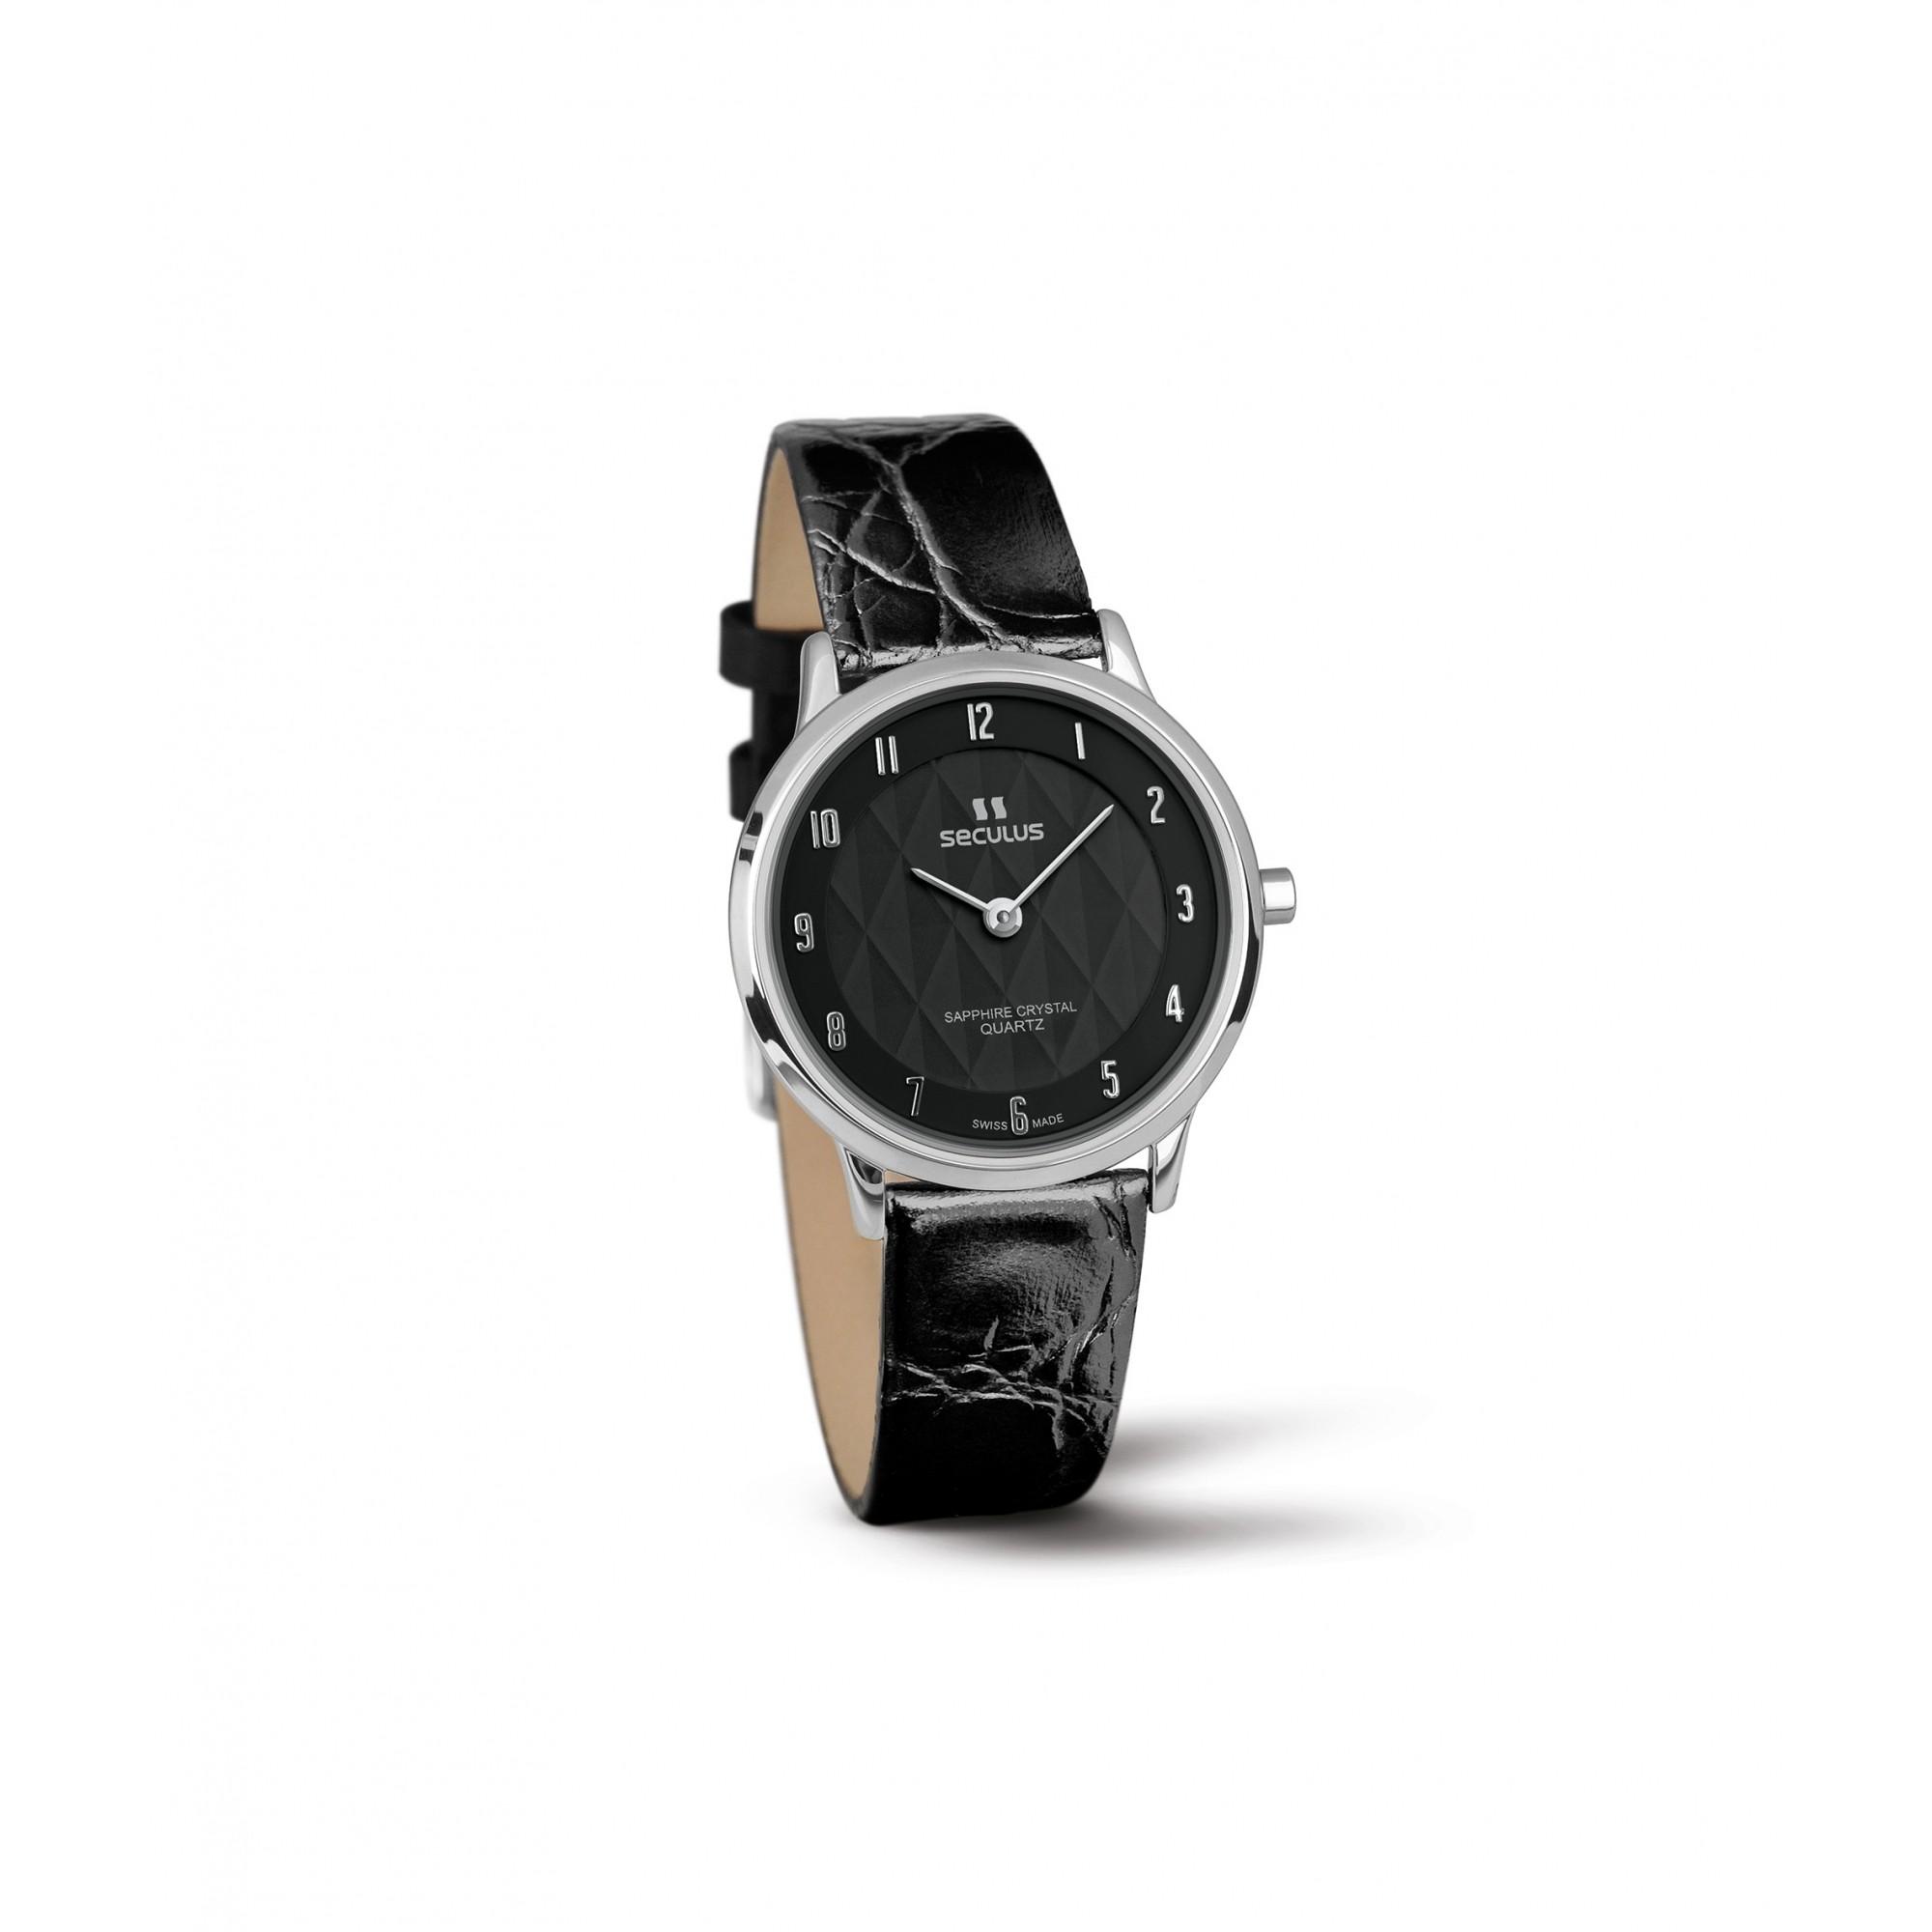 Relógio Feminino Seculus Swiss Made Pulseira de  Couro Coleção Flatline Fascination 16101106LBSSBA